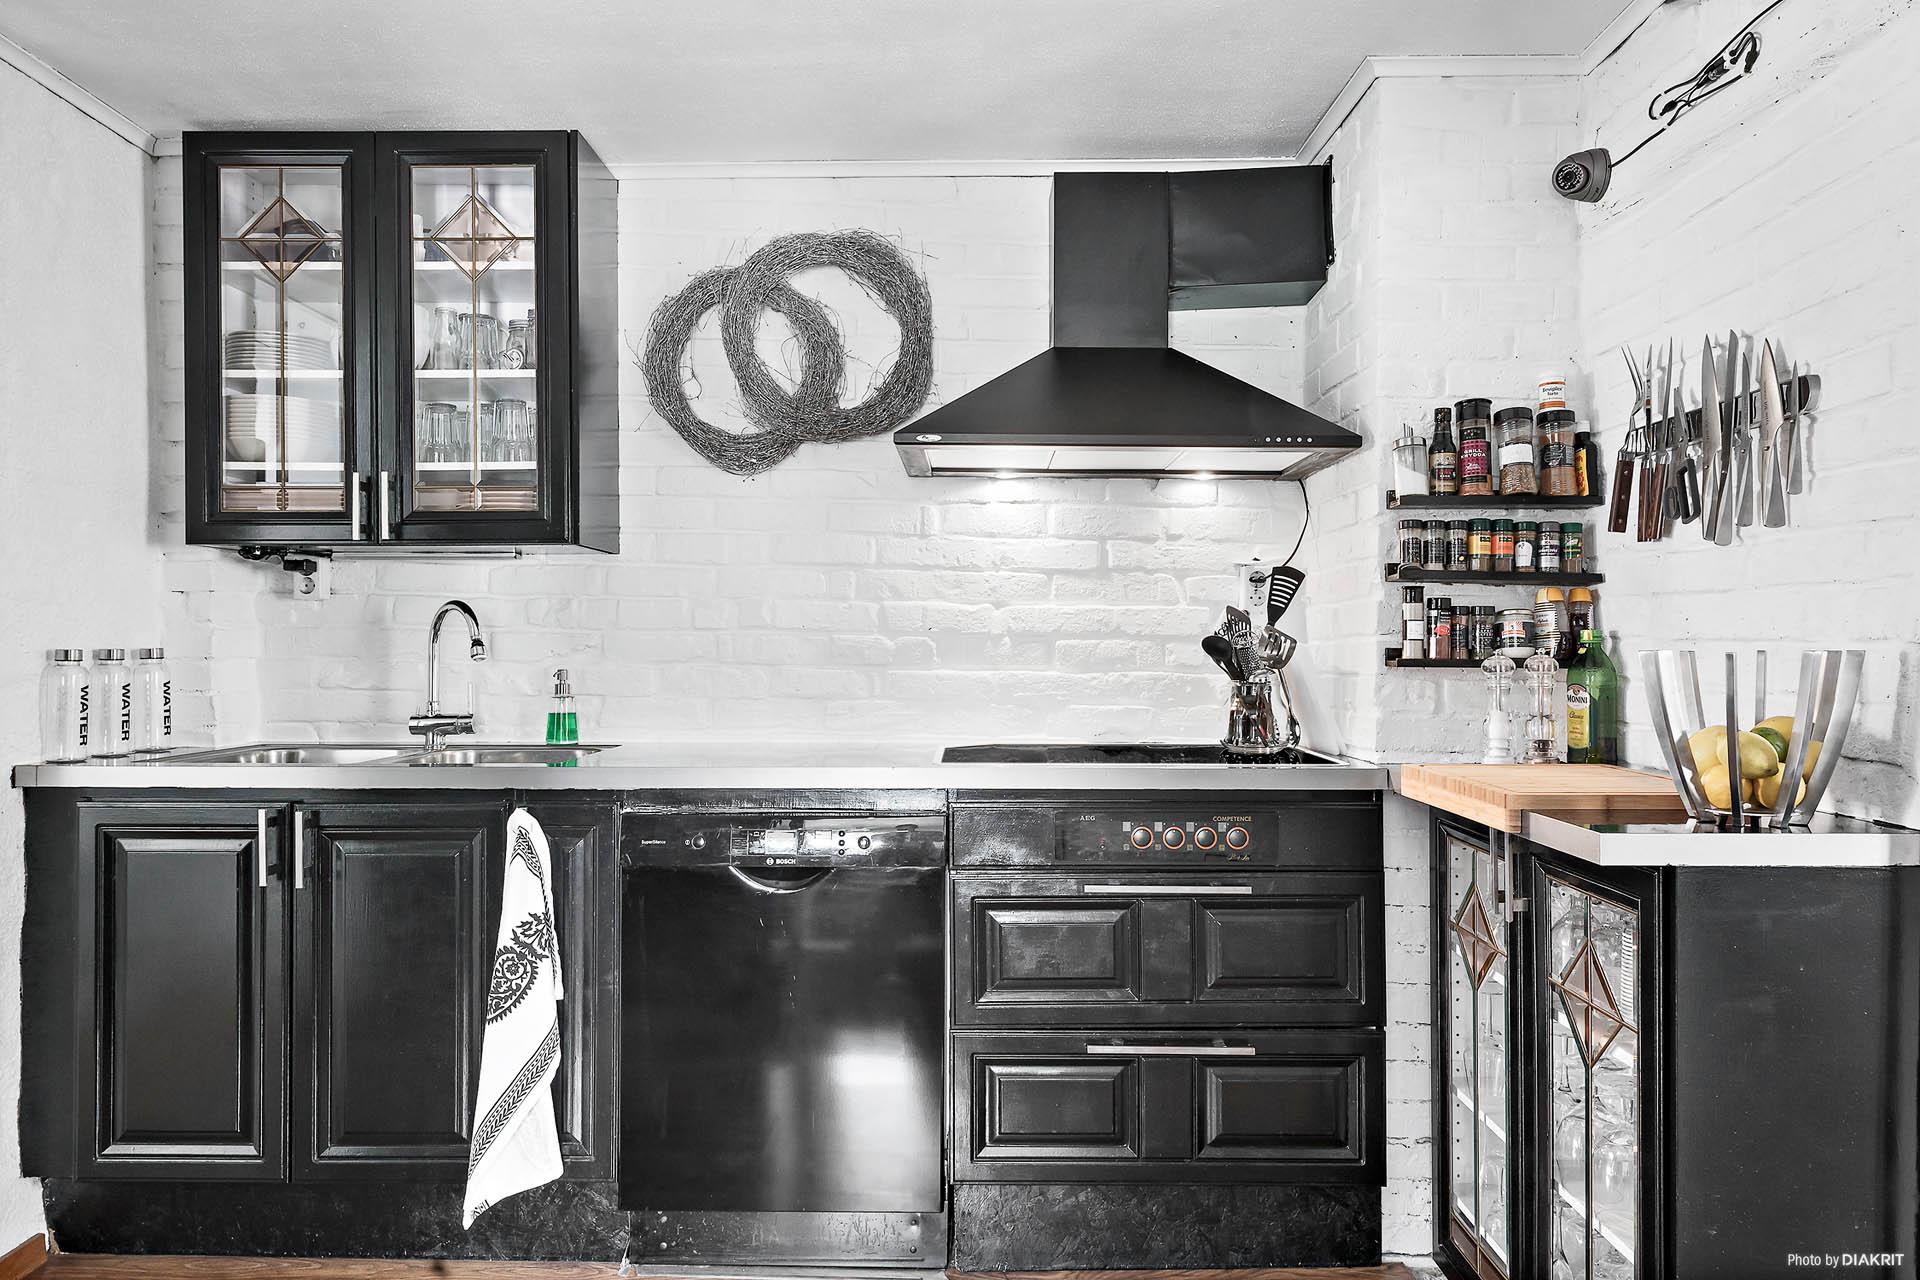 I direkt anslutning till matsalen hittas köket. Mustigt svart och mysigt med praktiska utrymmen och väl planerad layout.